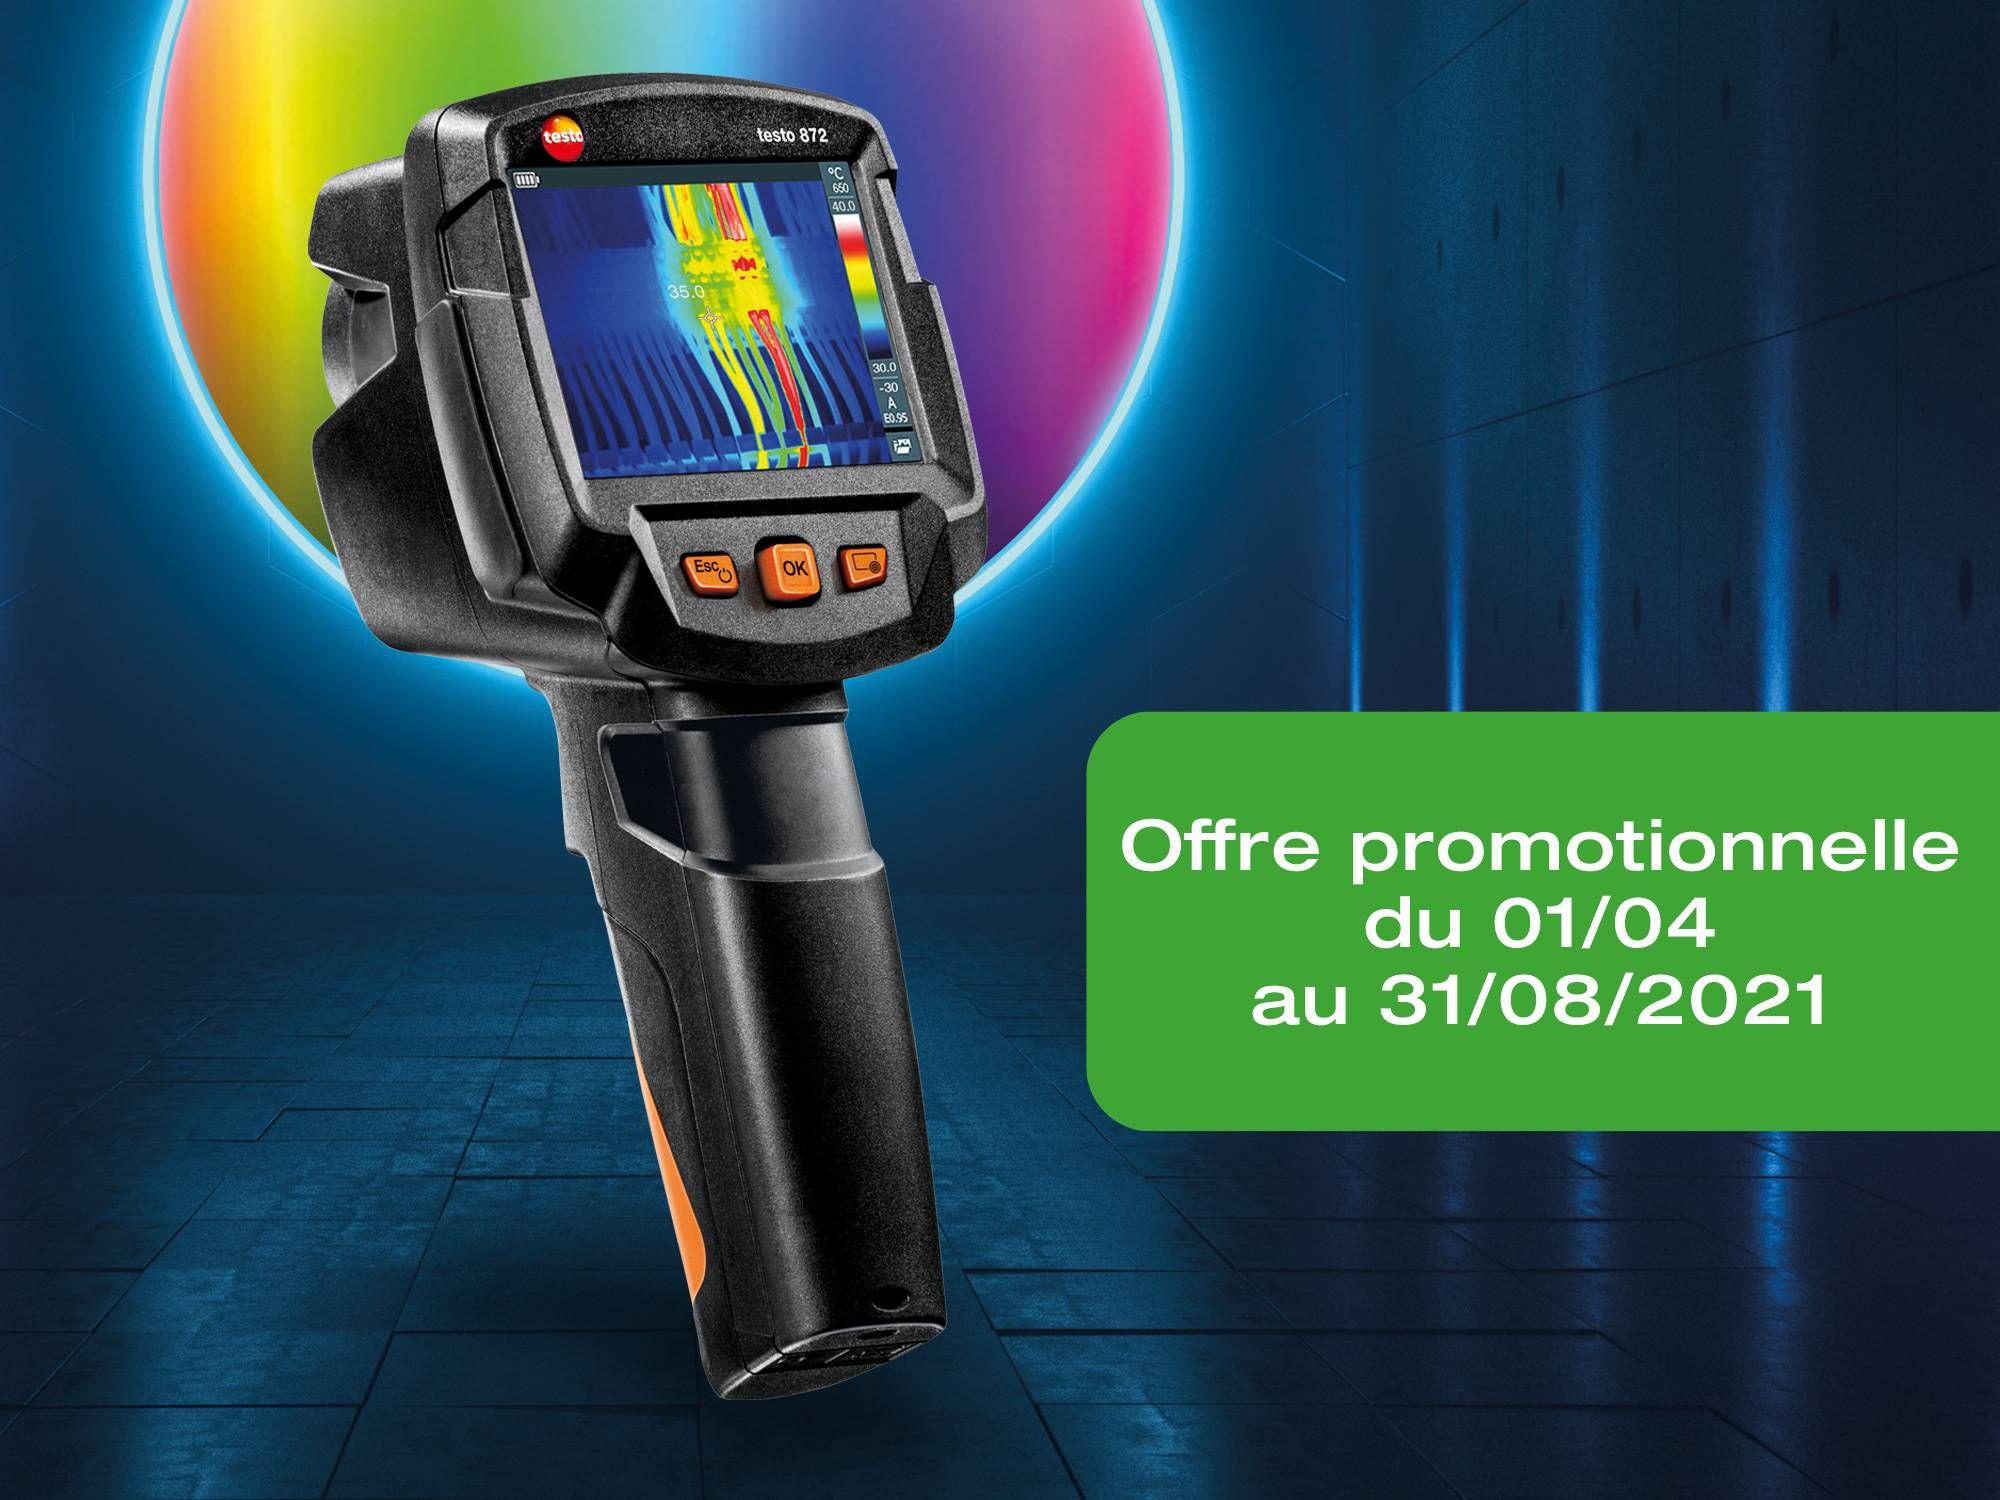 Offre promotionnelle achat caméra thermique testo 872 jusqu'au 31/08/2021